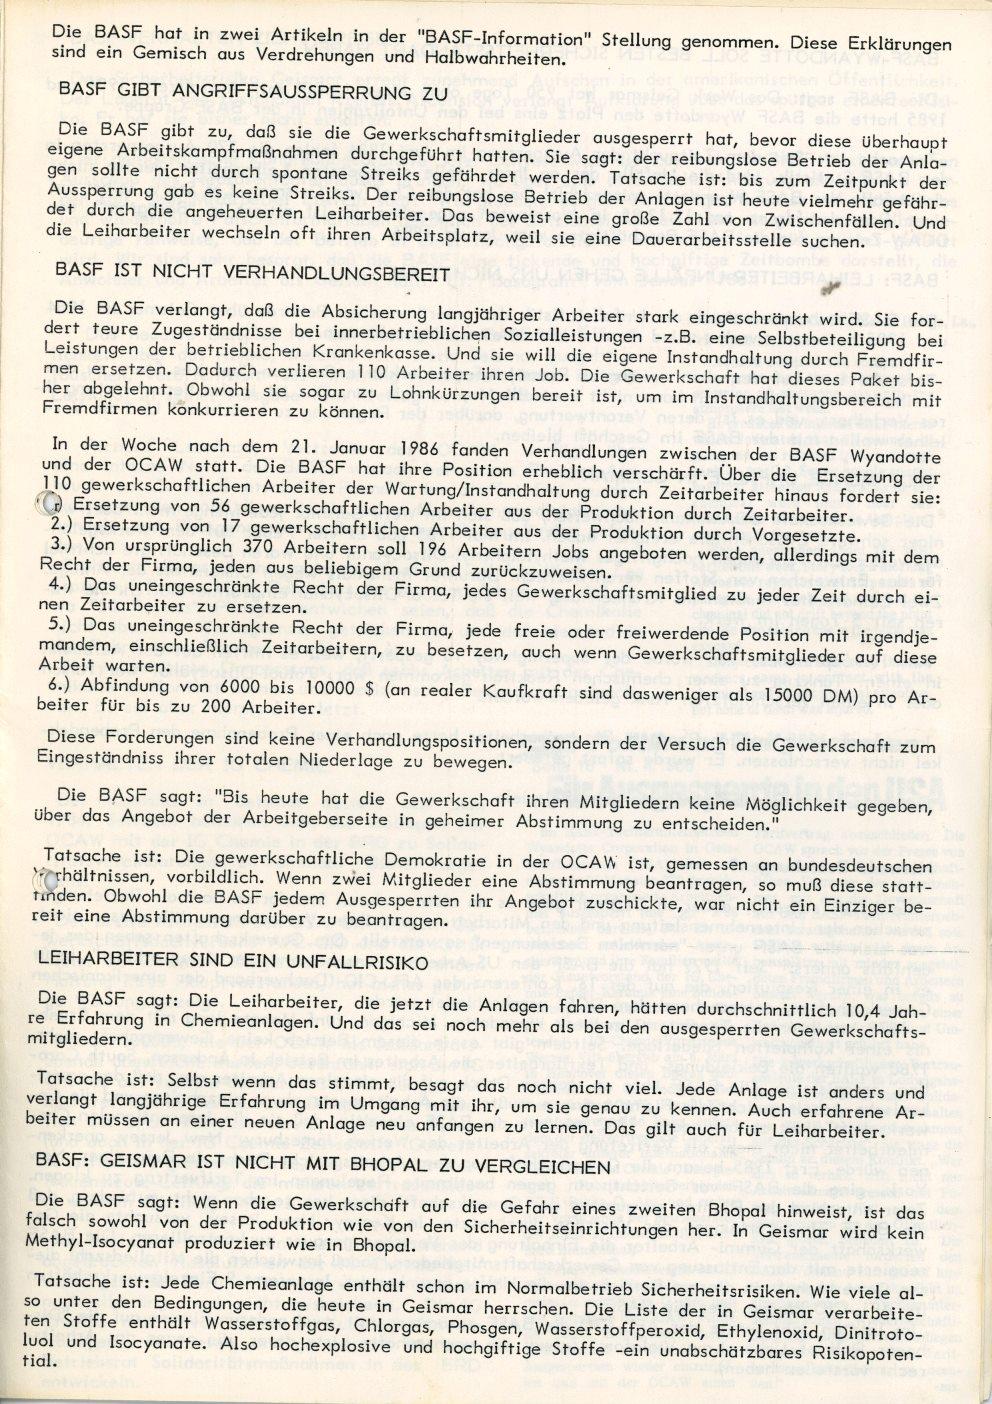 USA_BASF_Aussperrung_in_Geismar_1986_2_07